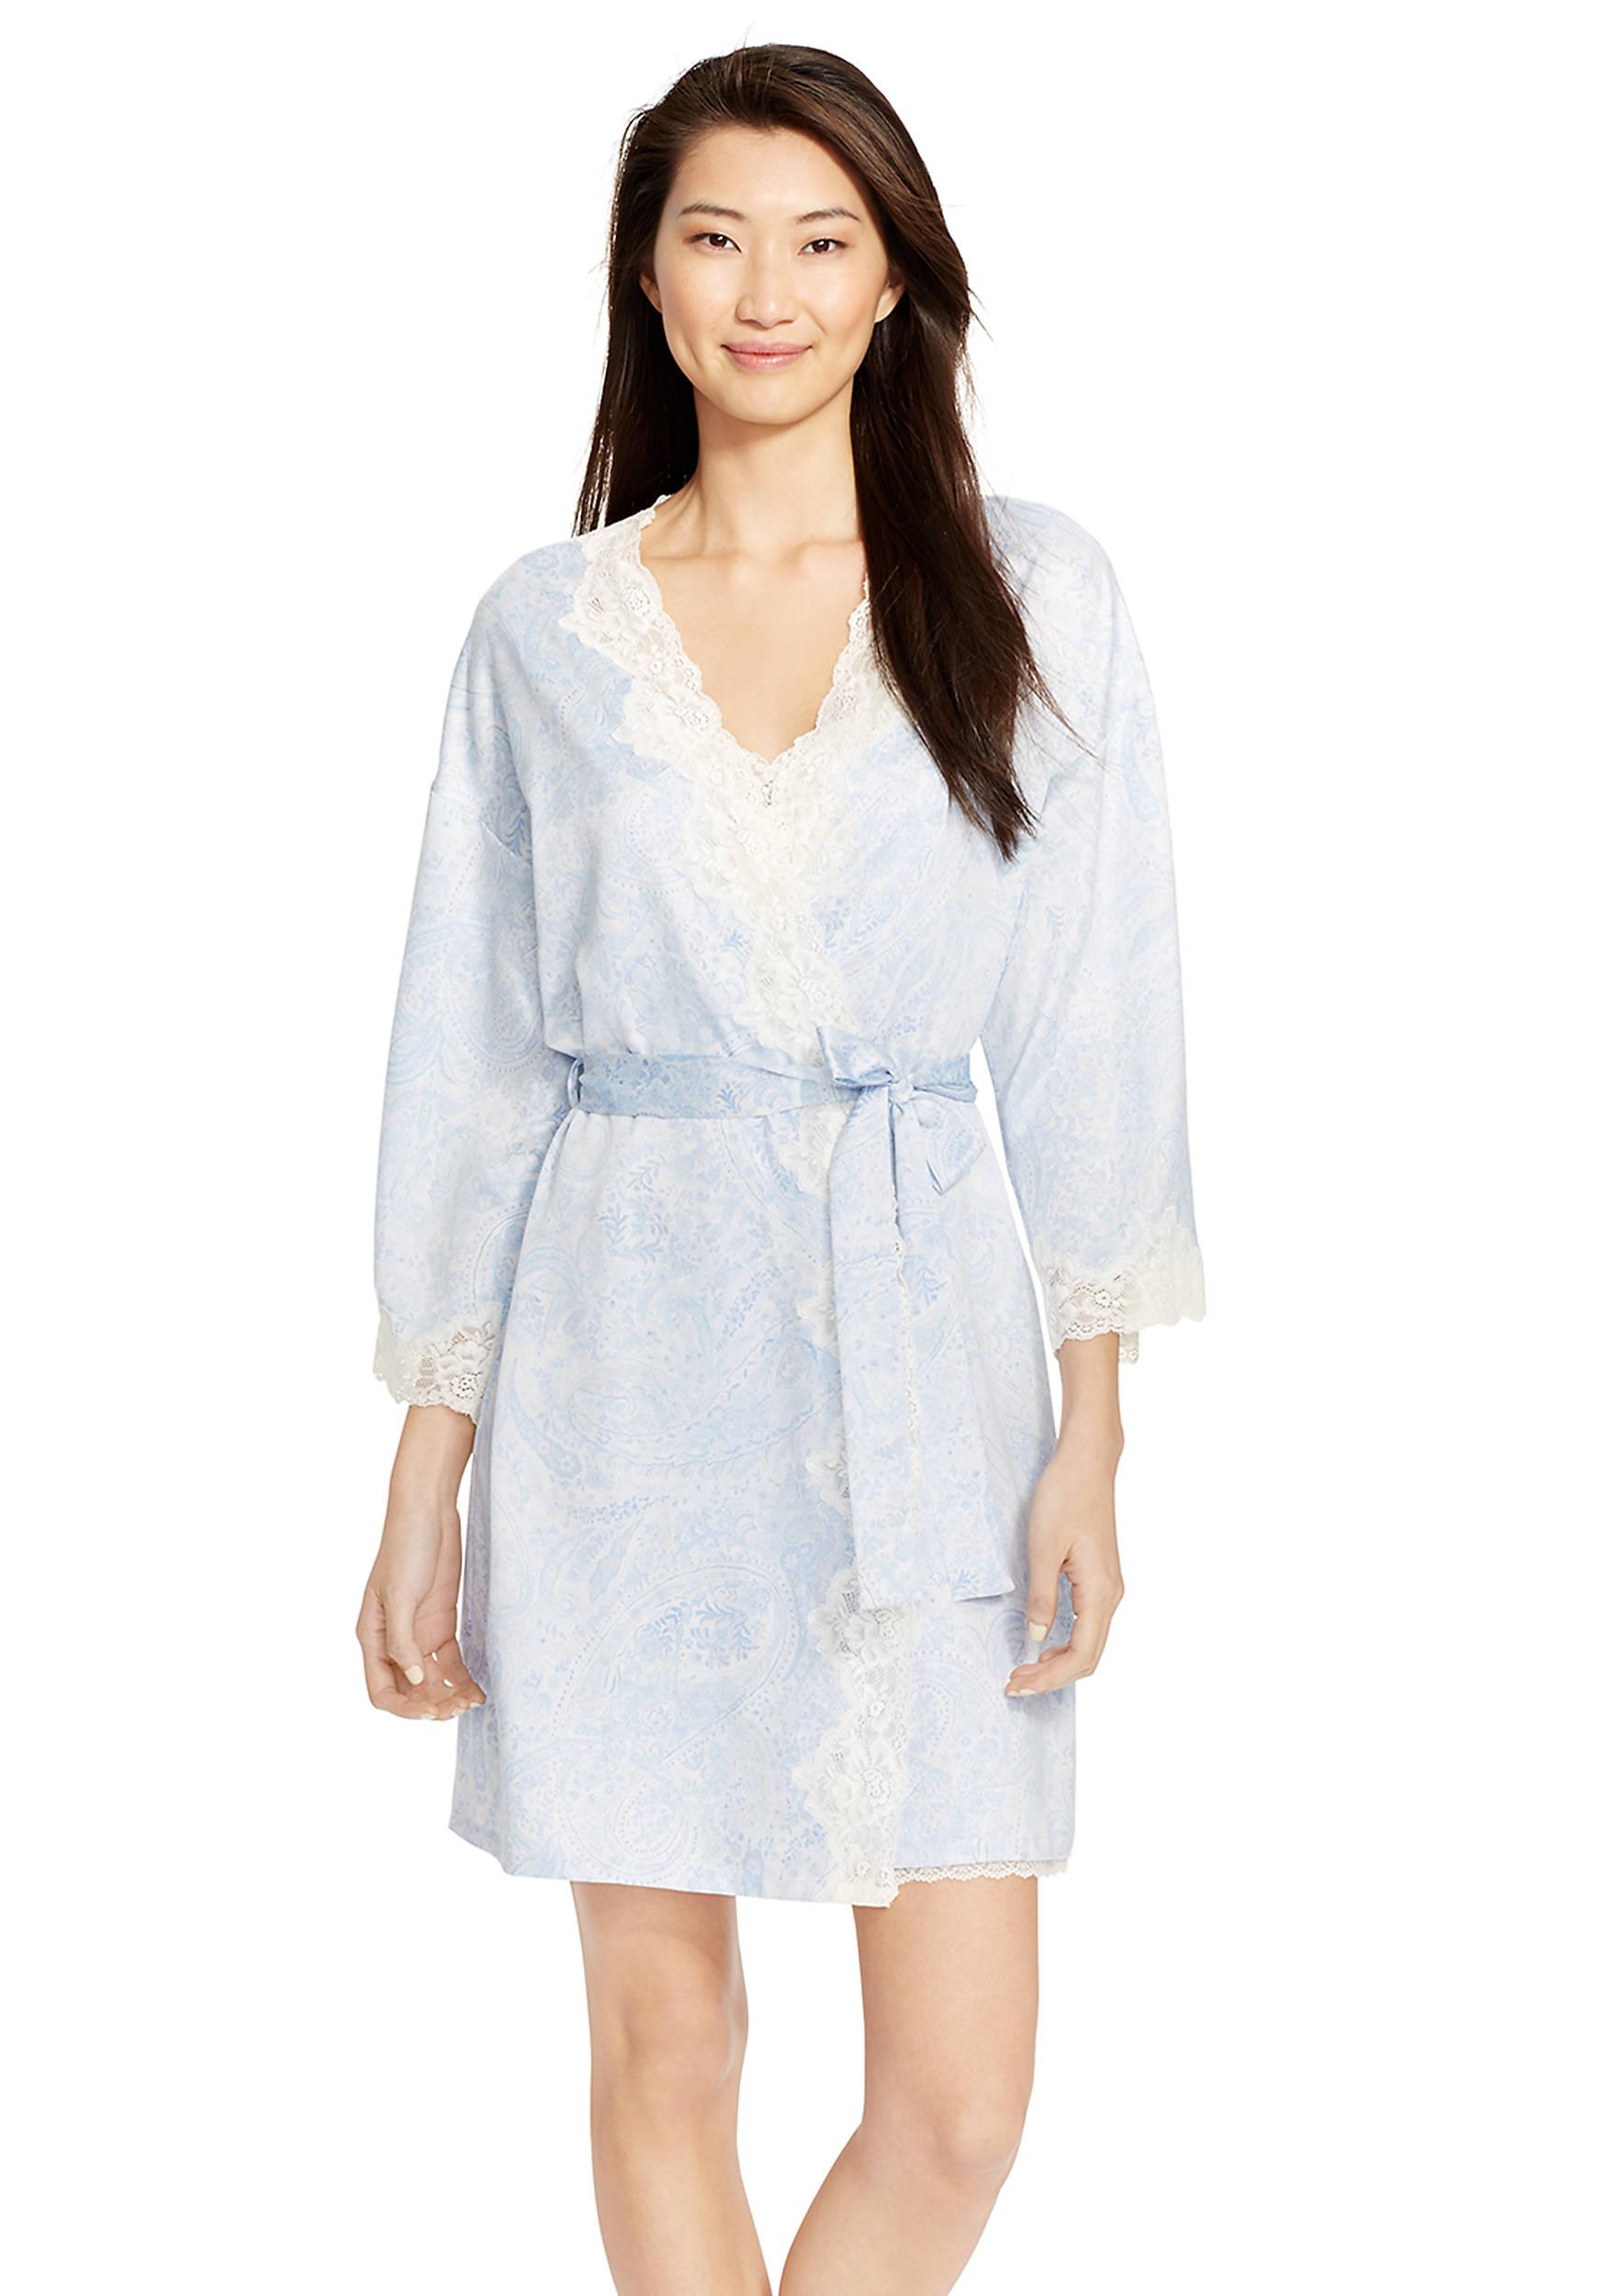 Lauren ralph lauren satin bridal robe belk images ombrellifo Choice Image